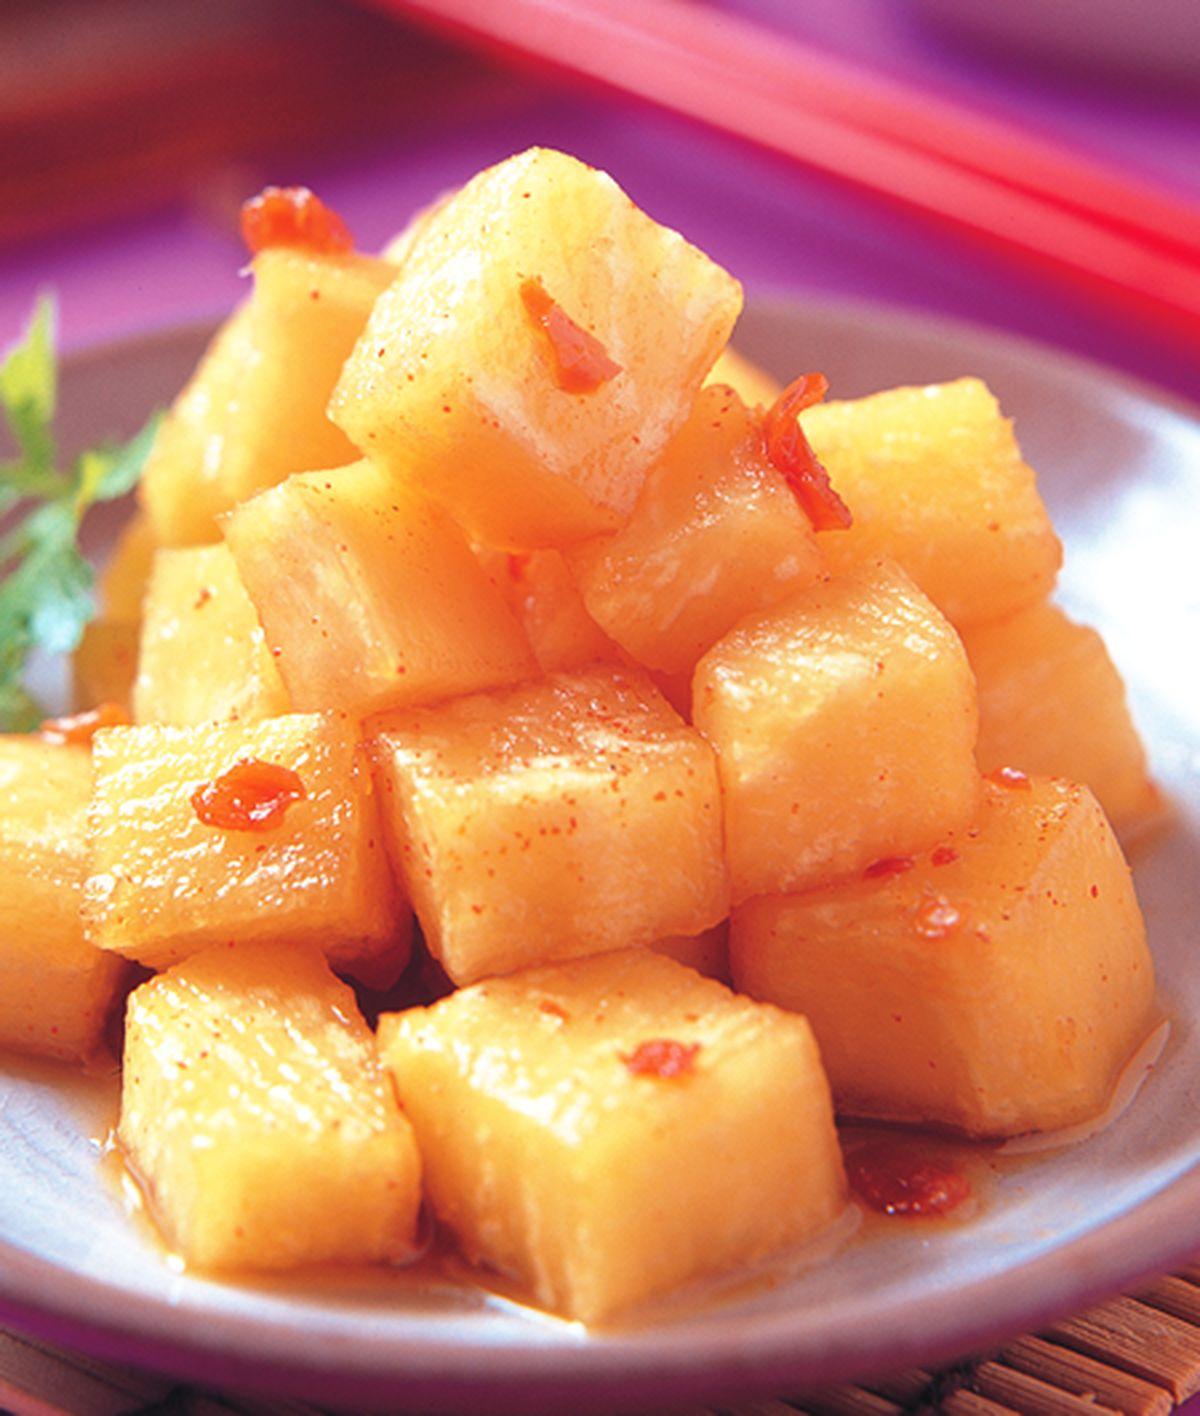 食譜:蘿蔔漬物